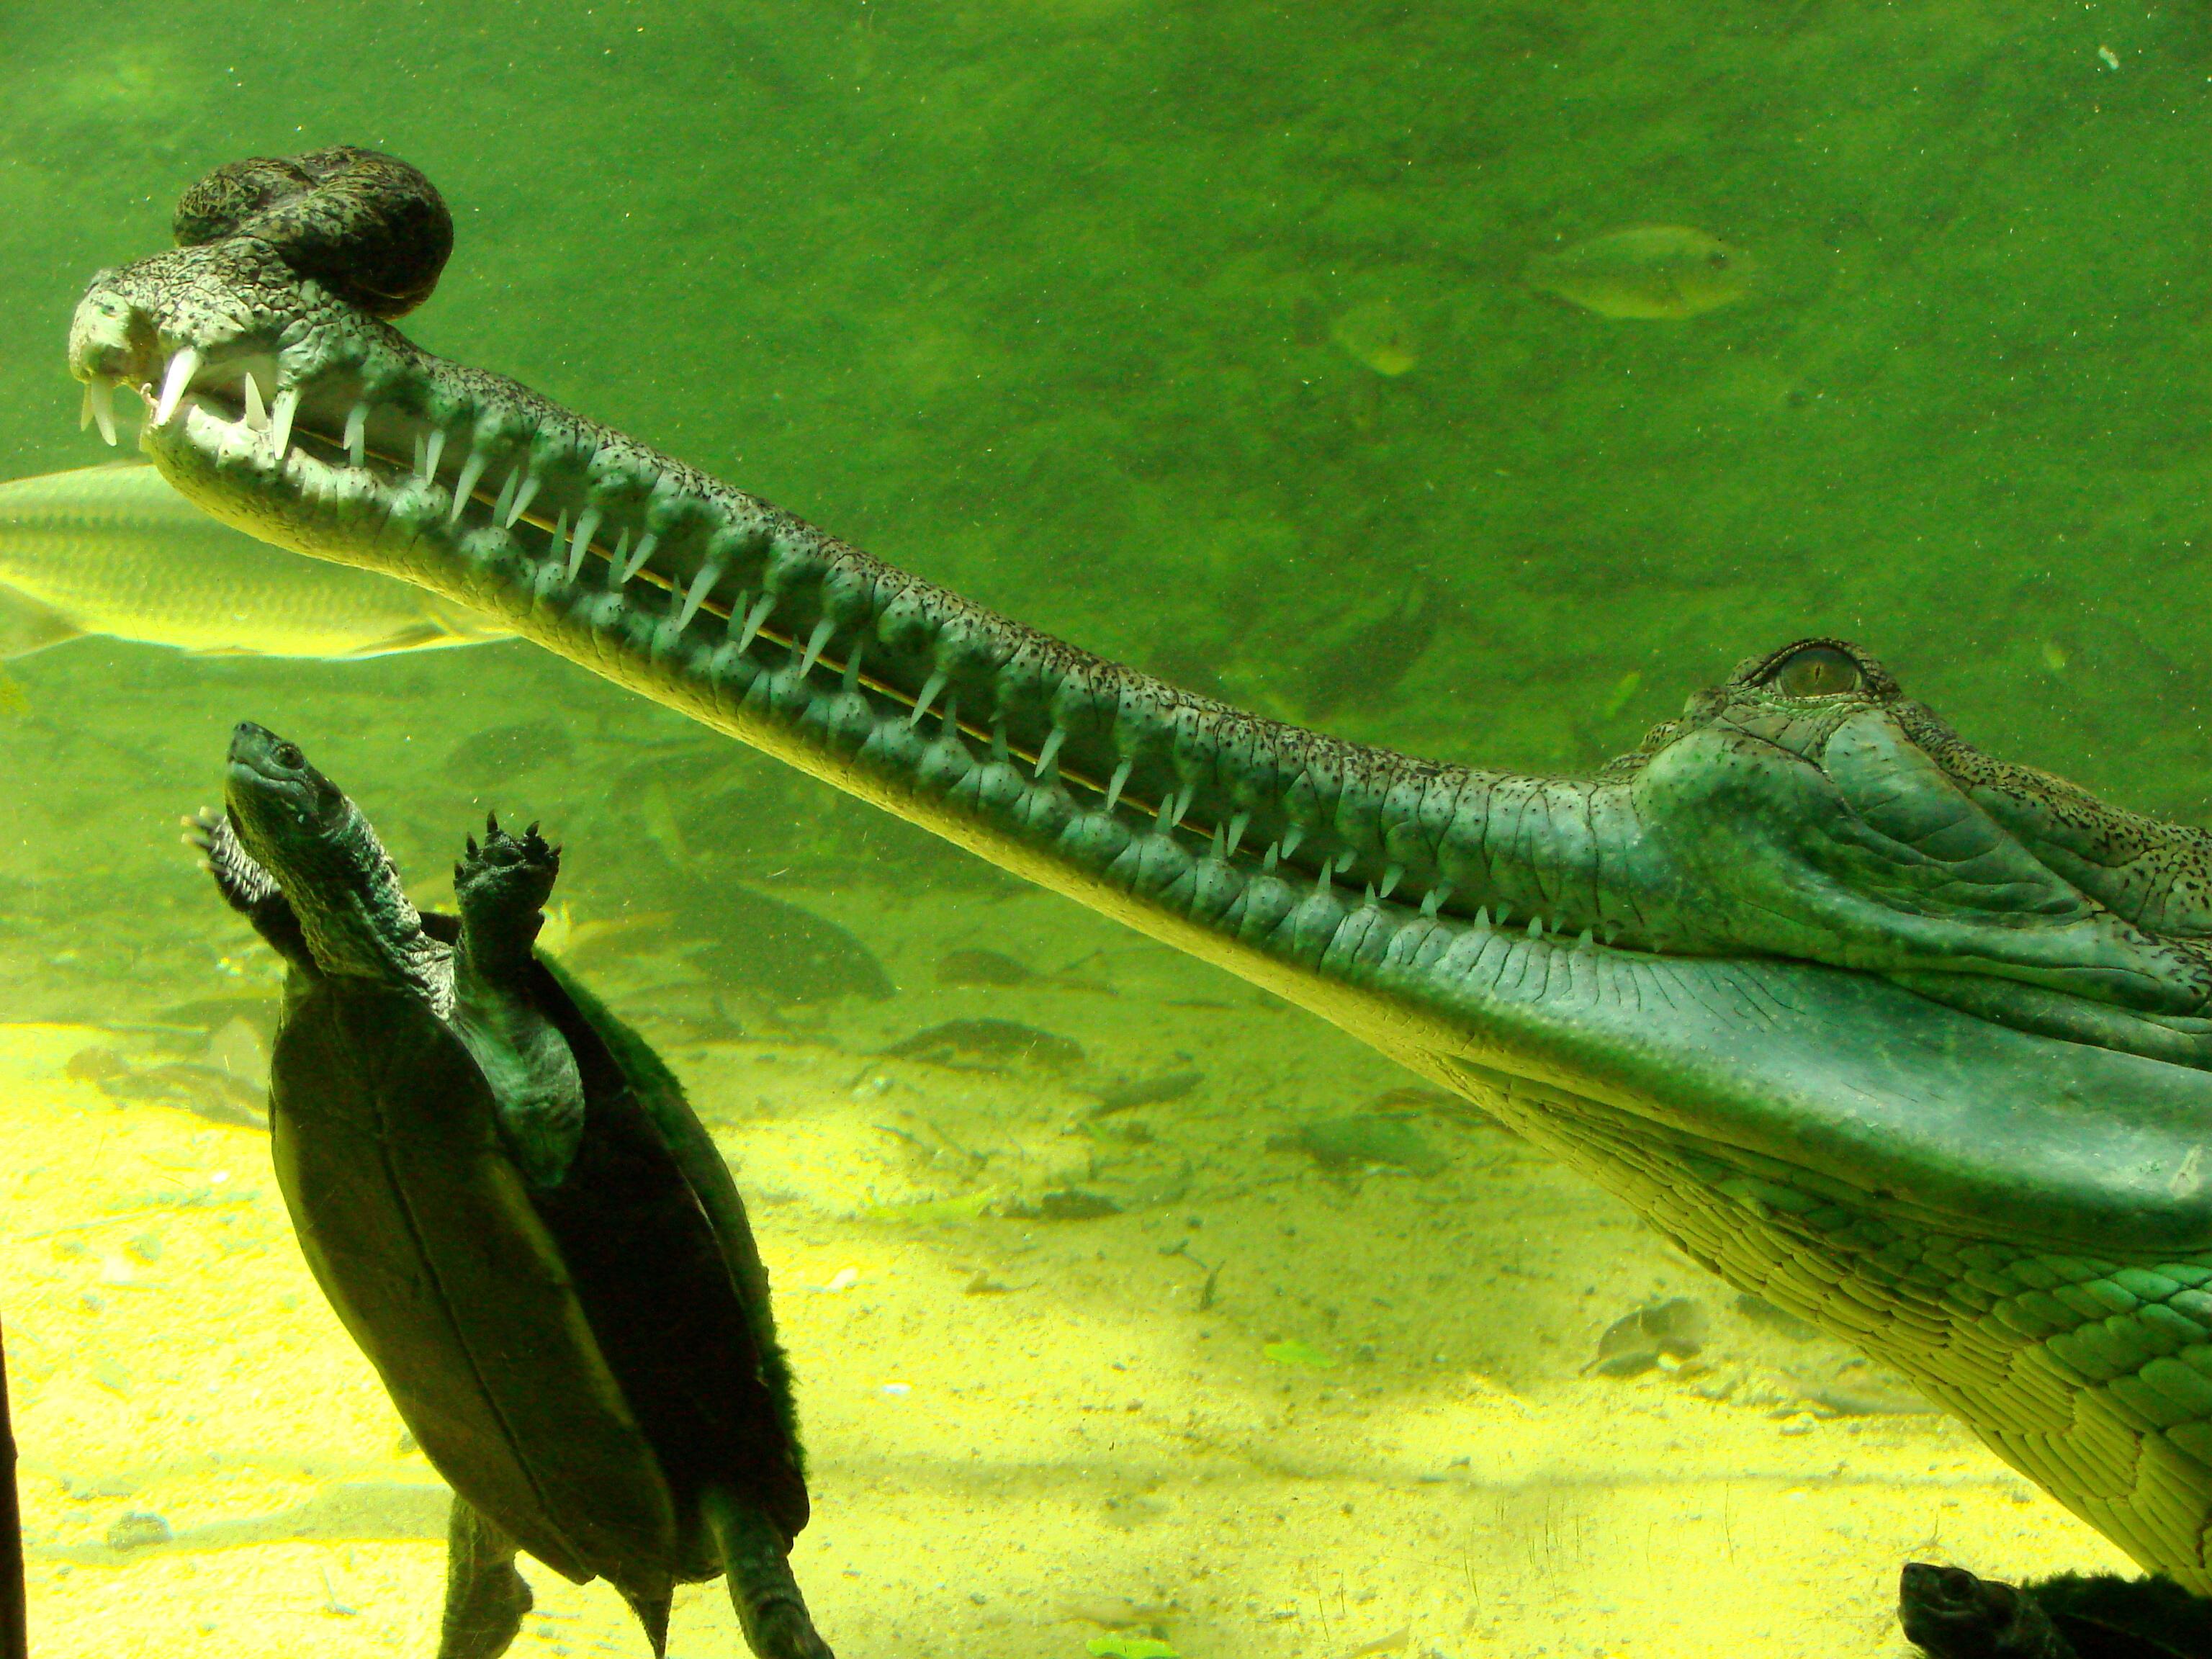 Crocodile vs alligator vs caiman vs gharial - photo#19